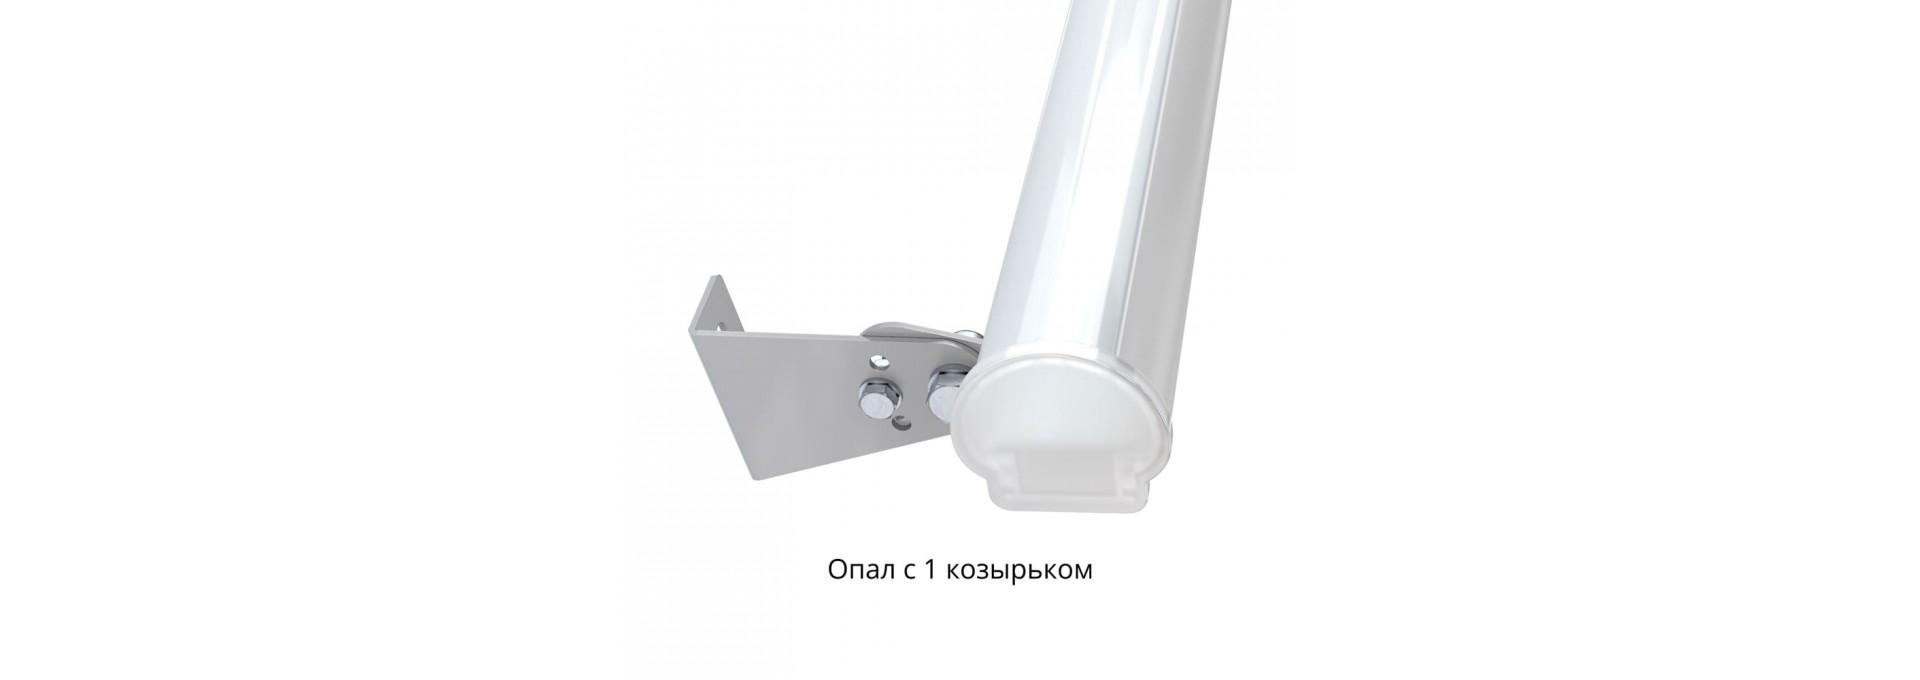 Модерн 10 1000мм 4000К Опал